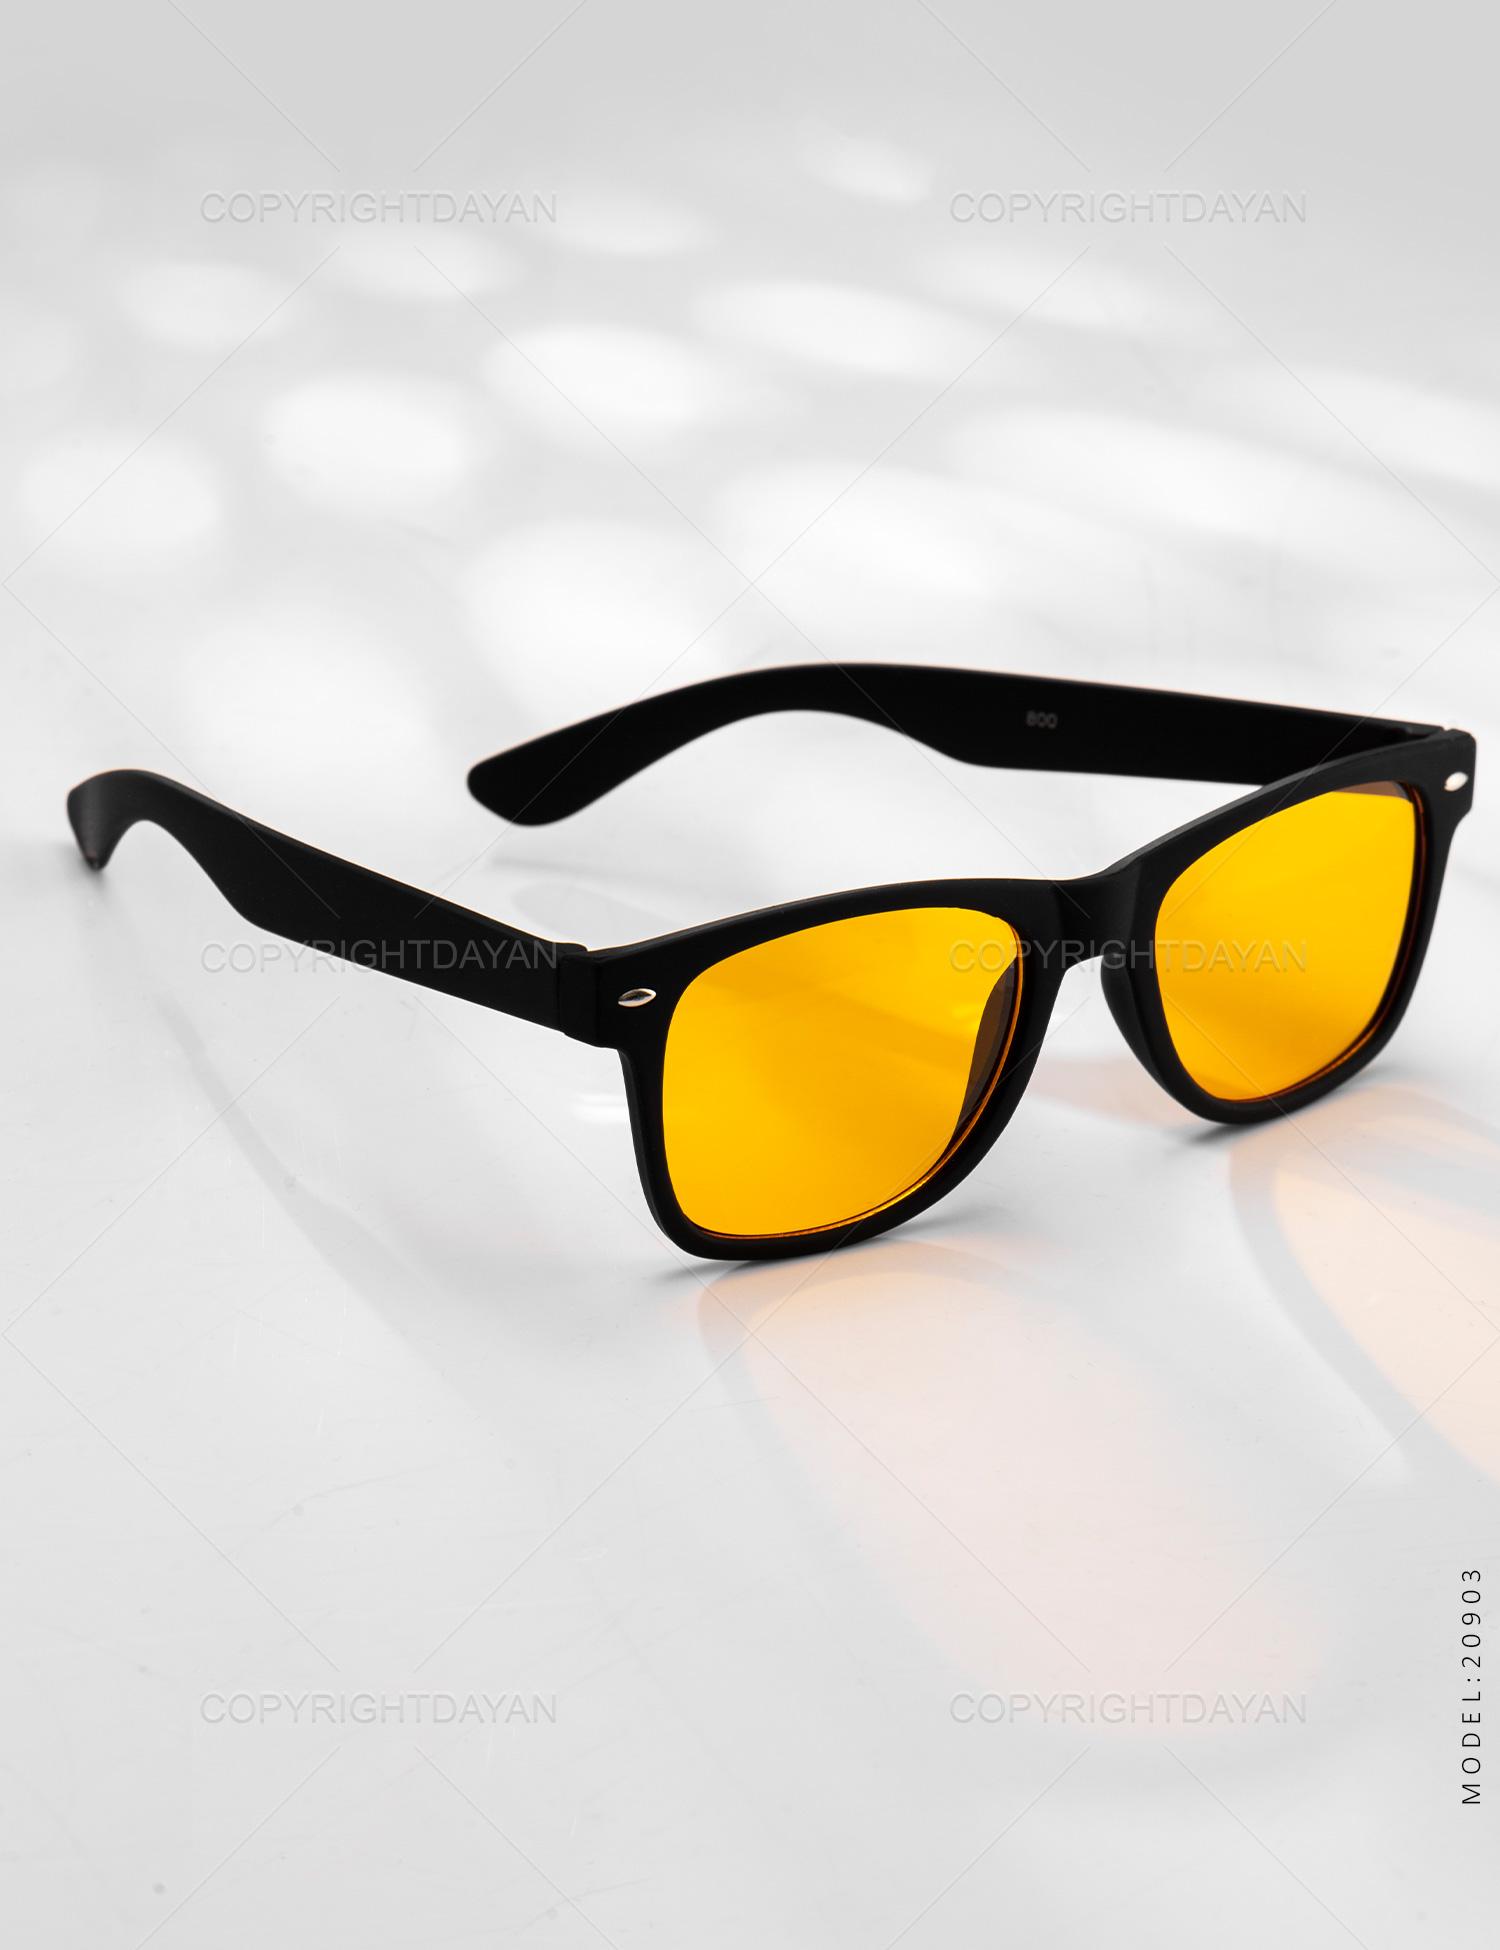 عینک آفتابی Stark مدل 20903 عینک آفتابی Stark مدل 20903 85,000 تومان